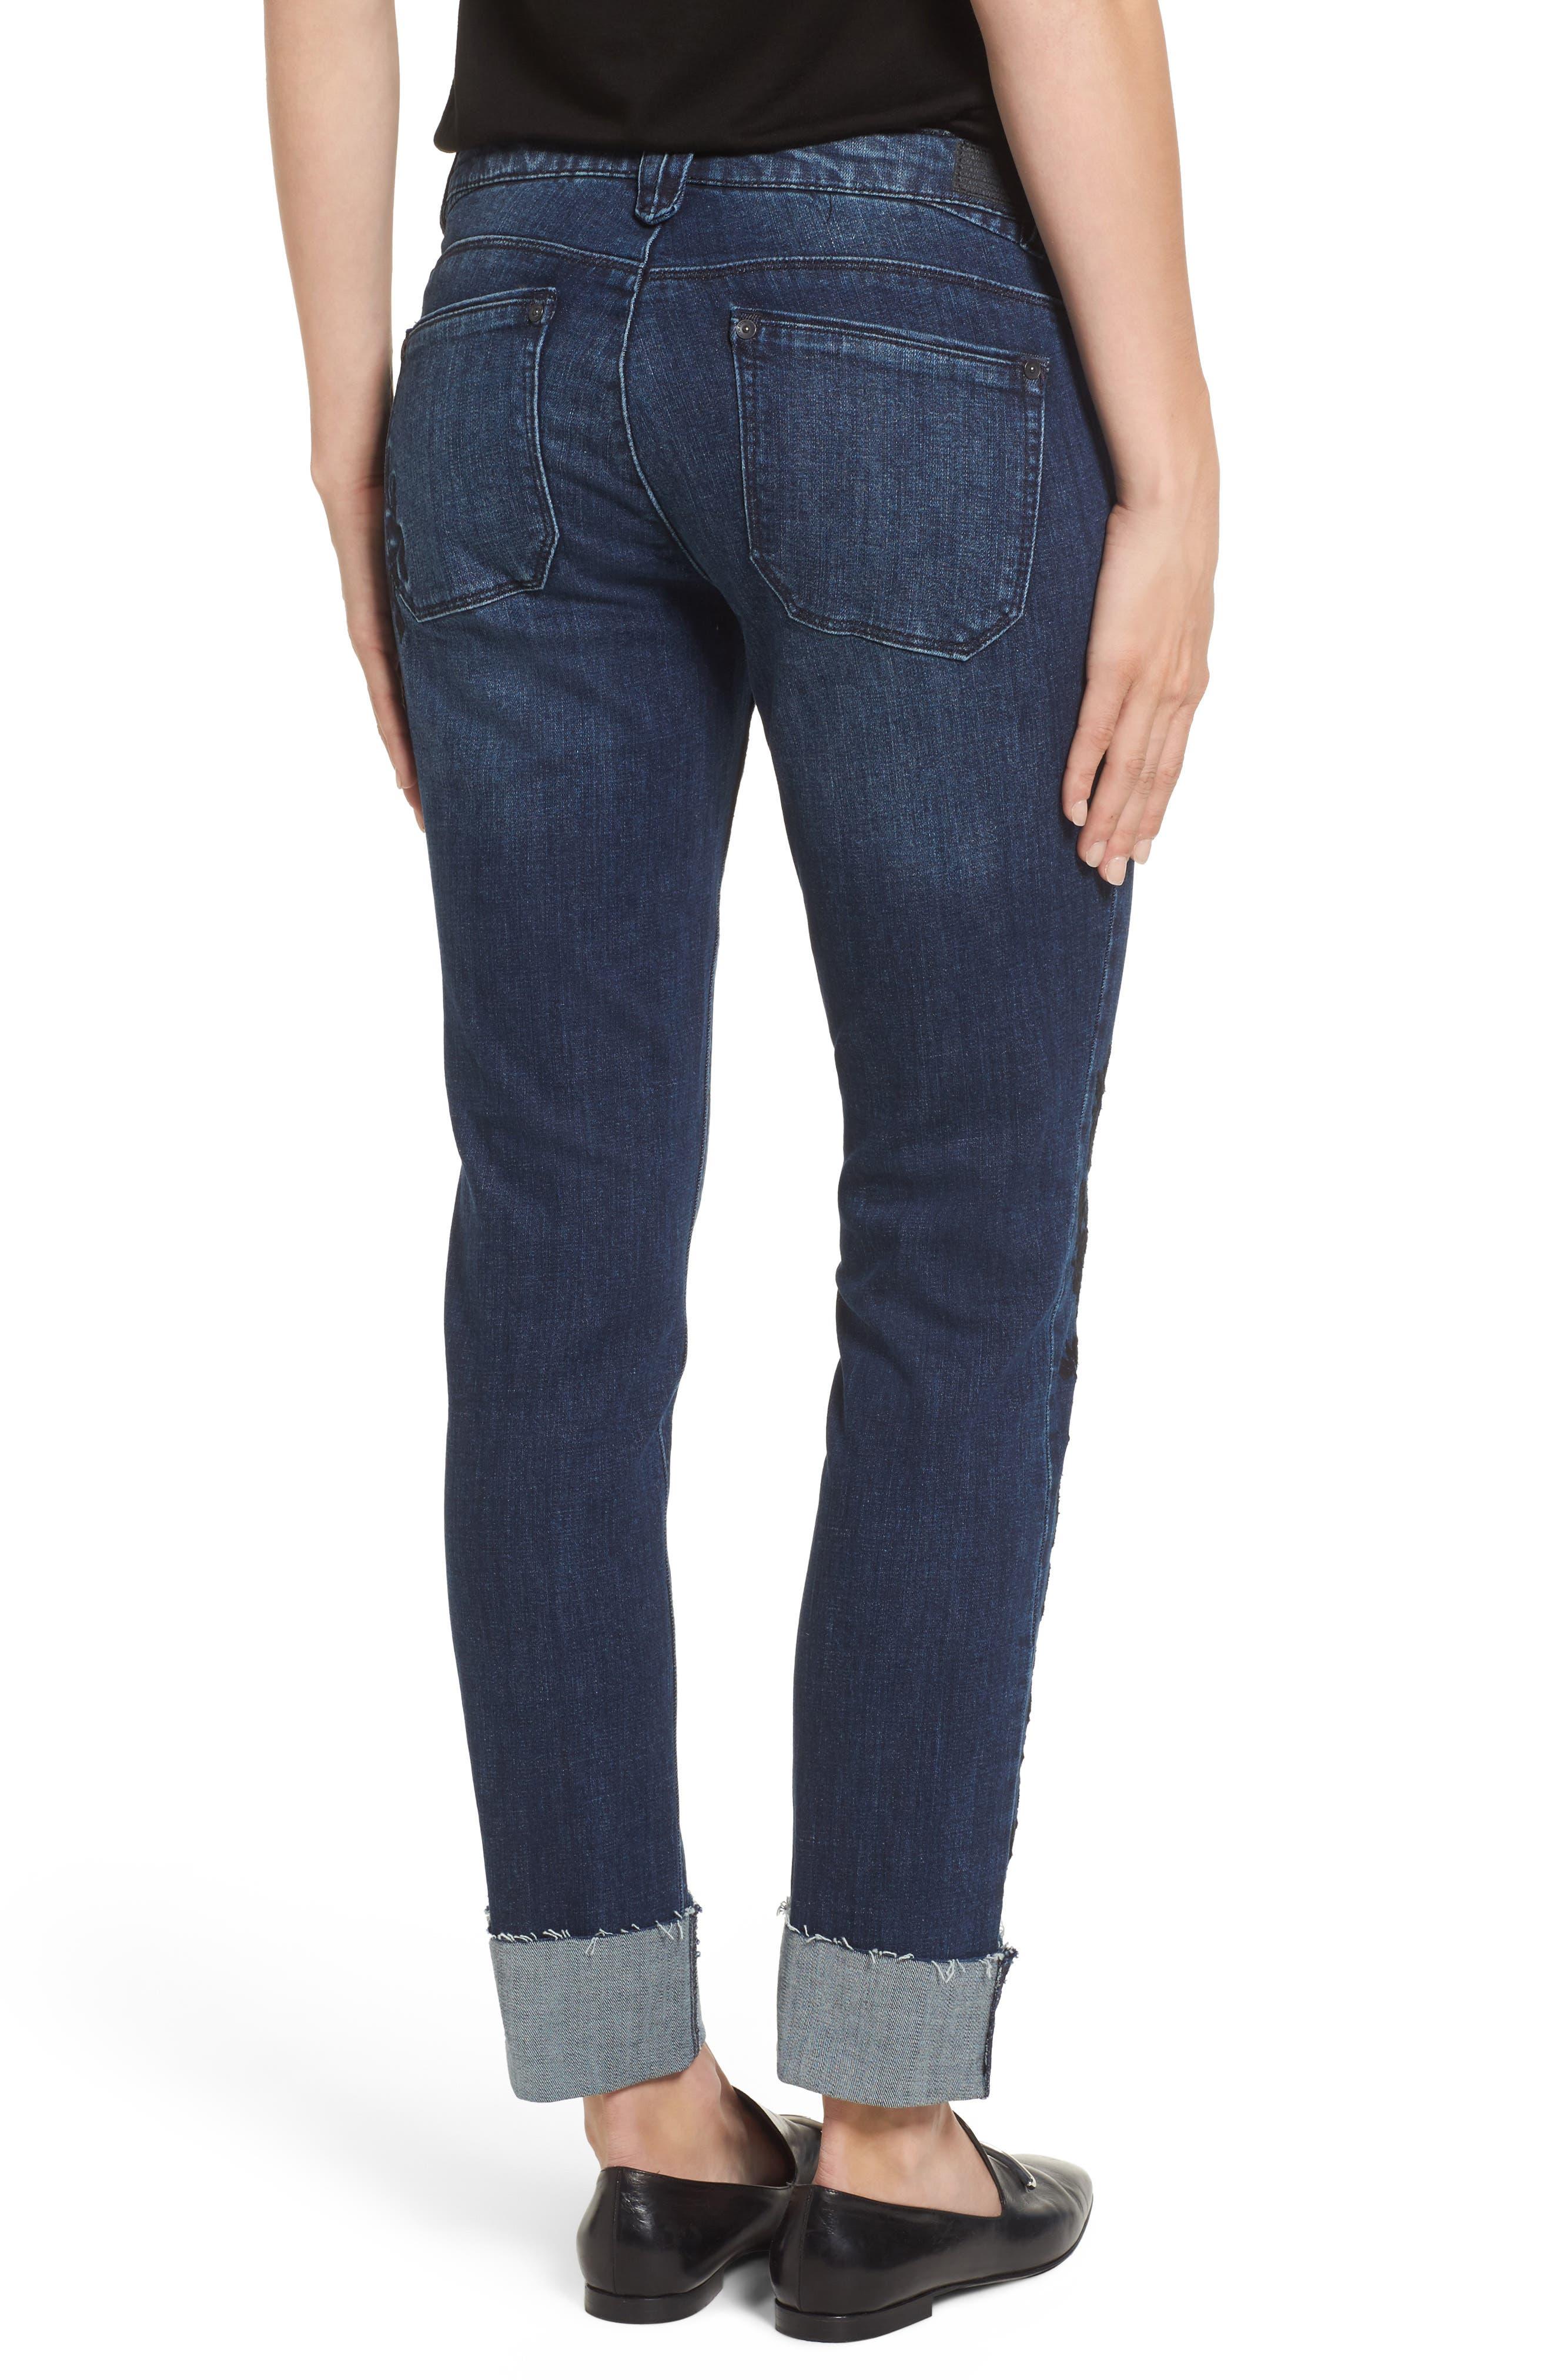 Flexellent Embroidered Boyfriend Jeans,                             Alternate thumbnail 2, color,                             Blue